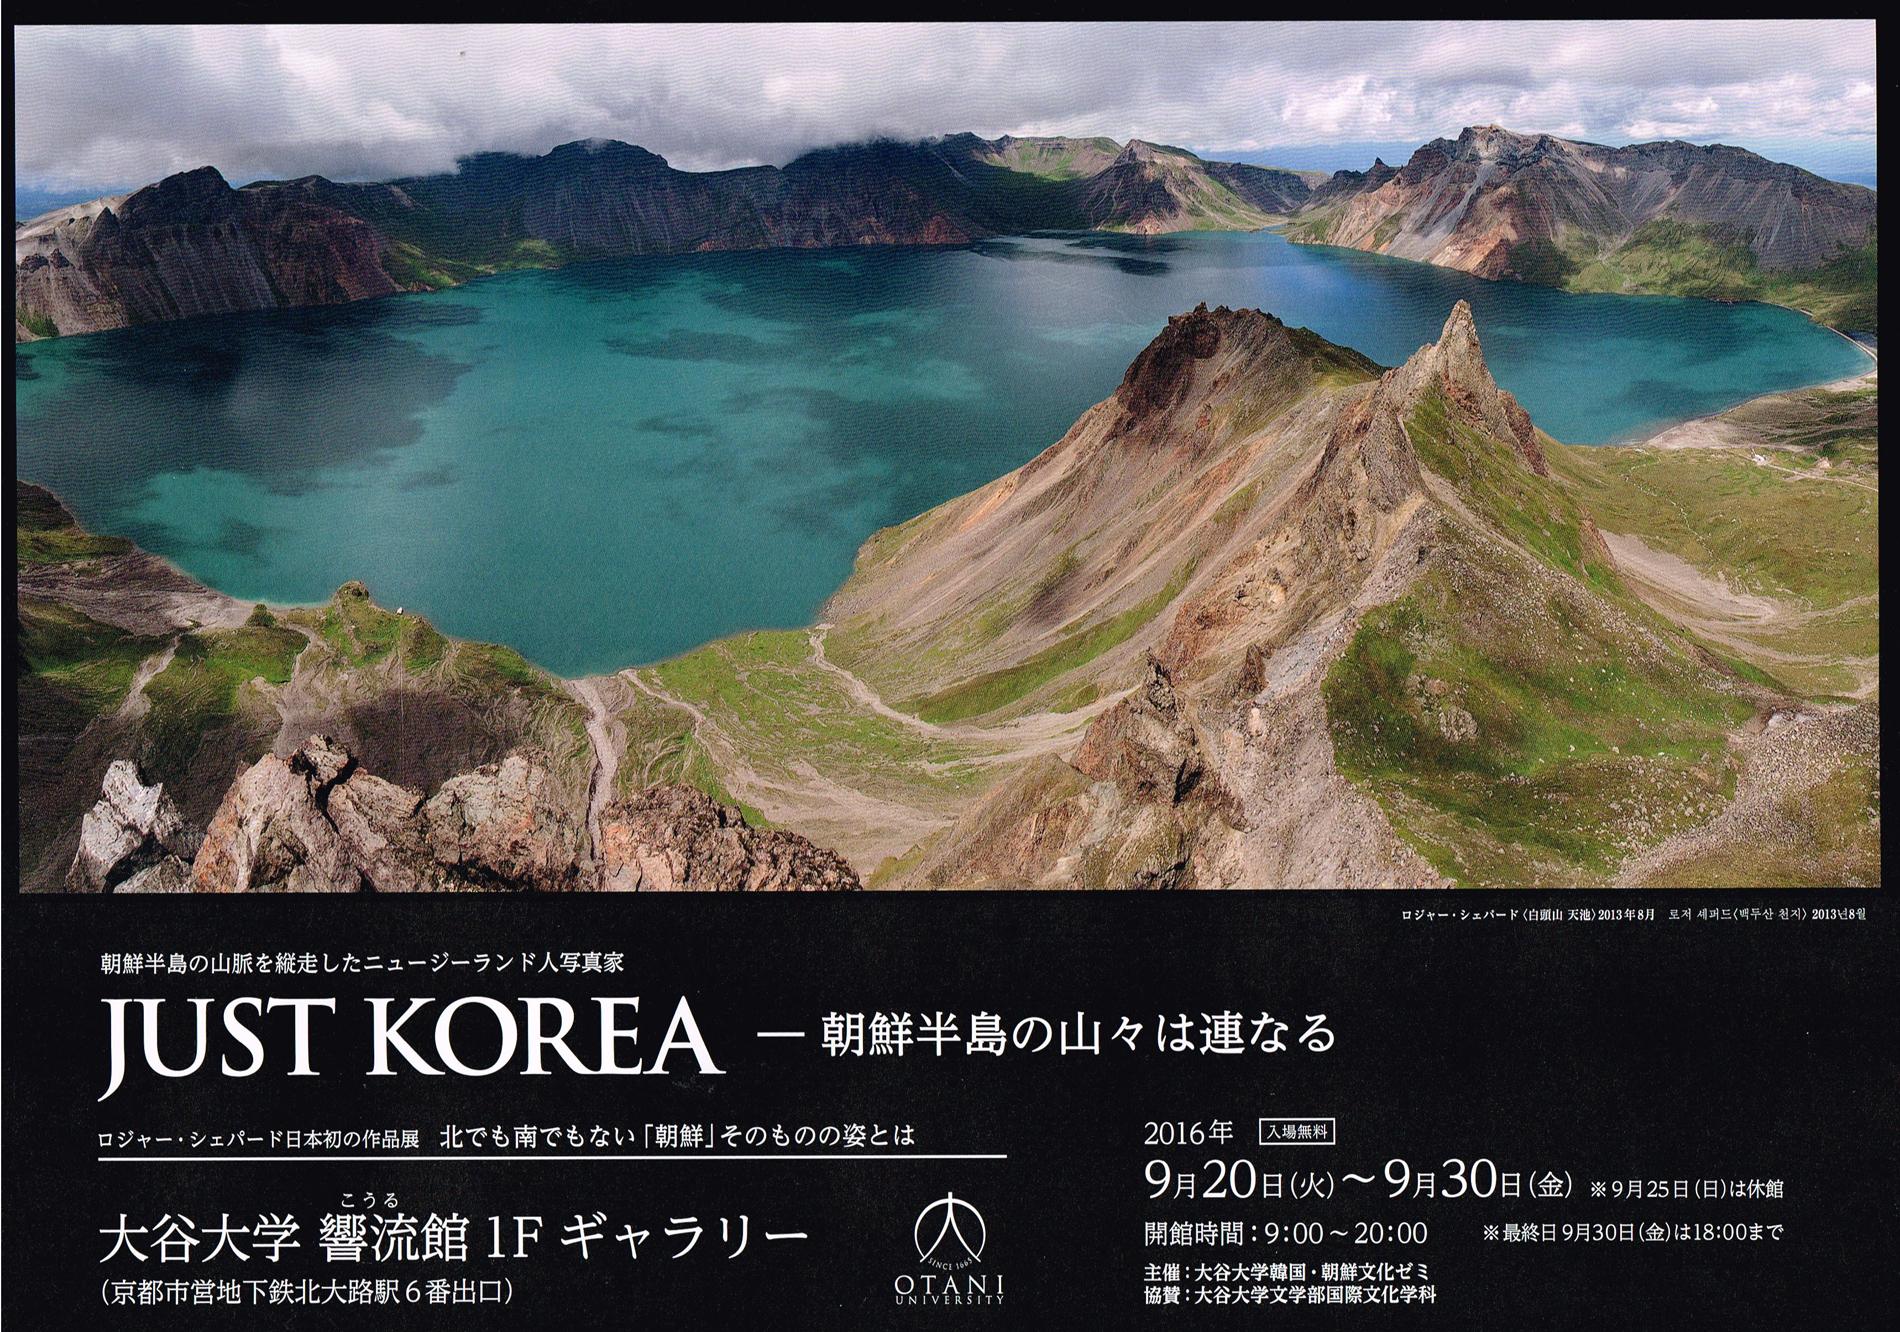 日本初公開 朝鮮半島に連なる山脈「白頭大幹(ペットゥデガン)」の写真展「JUST KOREA -- 朝鮮半島の山々は連なる」を開催 -- 大谷大学